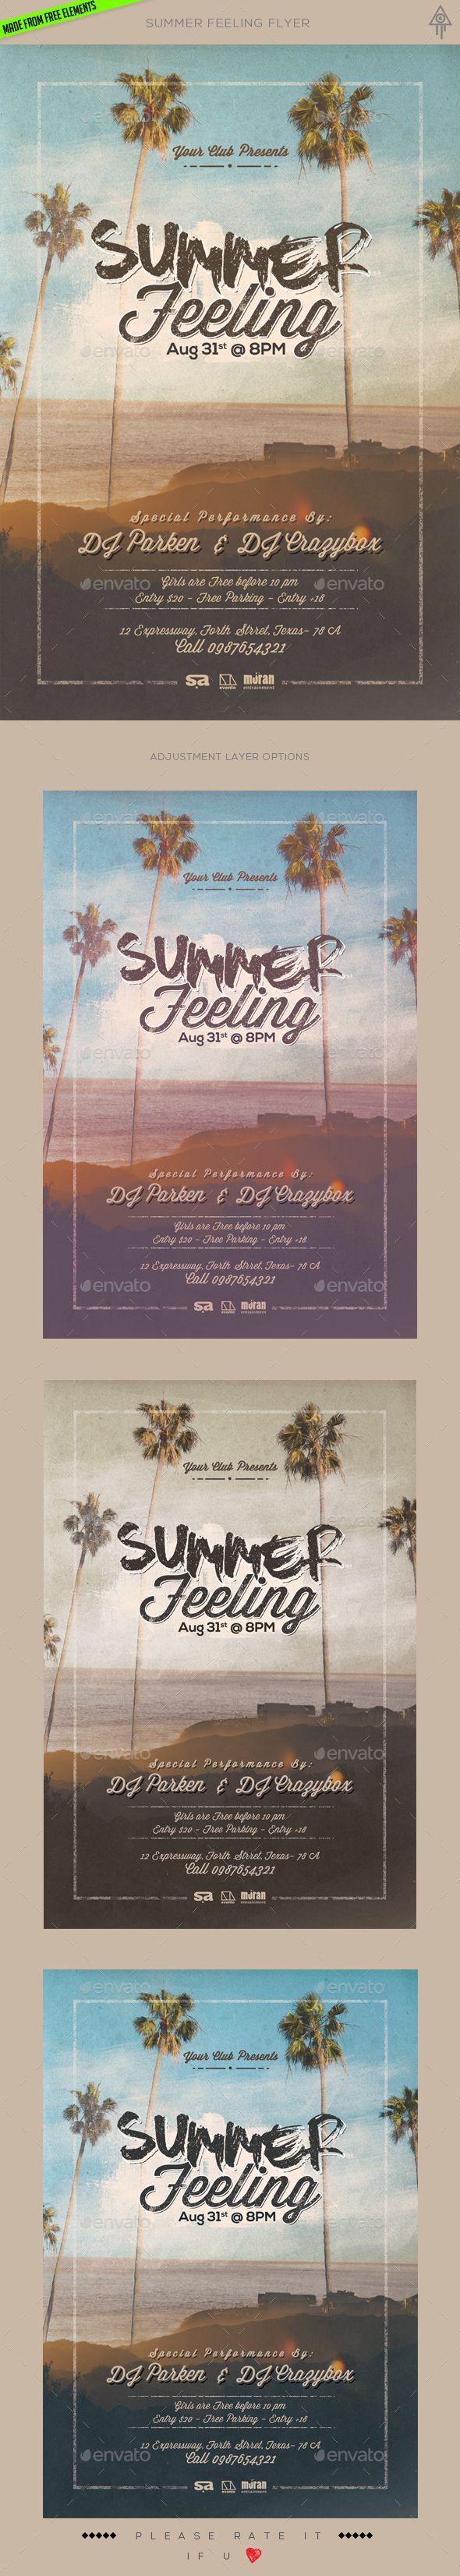 Summer Feeling Flyer Template PSD. Download here: http://graphicriver.net/item/summer-feeling-flyer/16511846?ref=ksioks